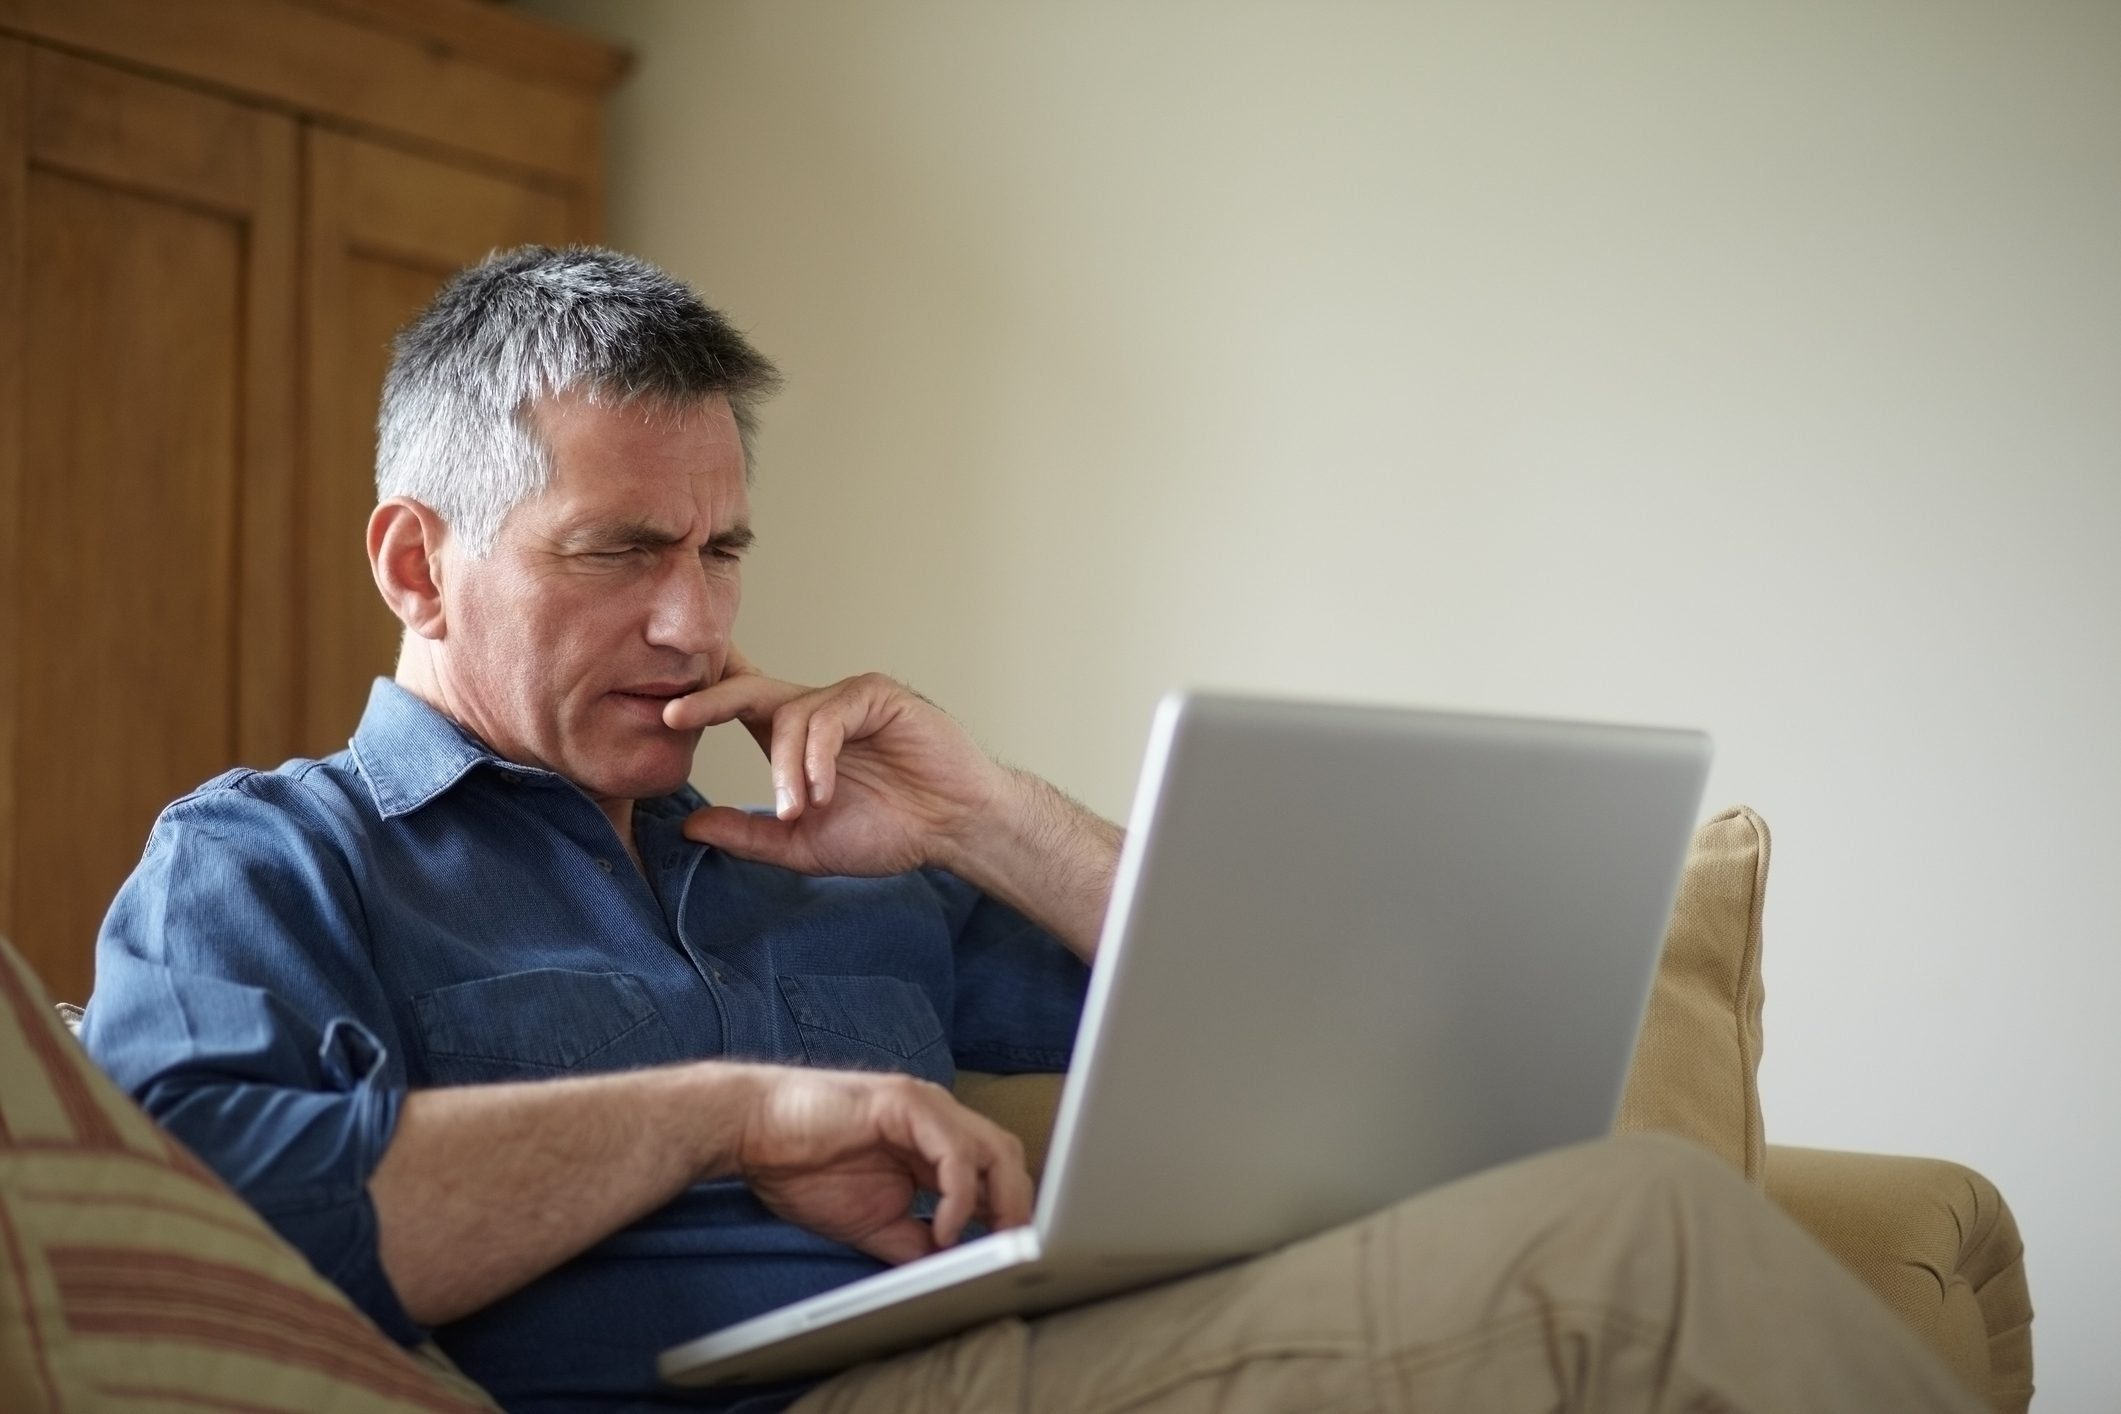 Man using laptop on sofa